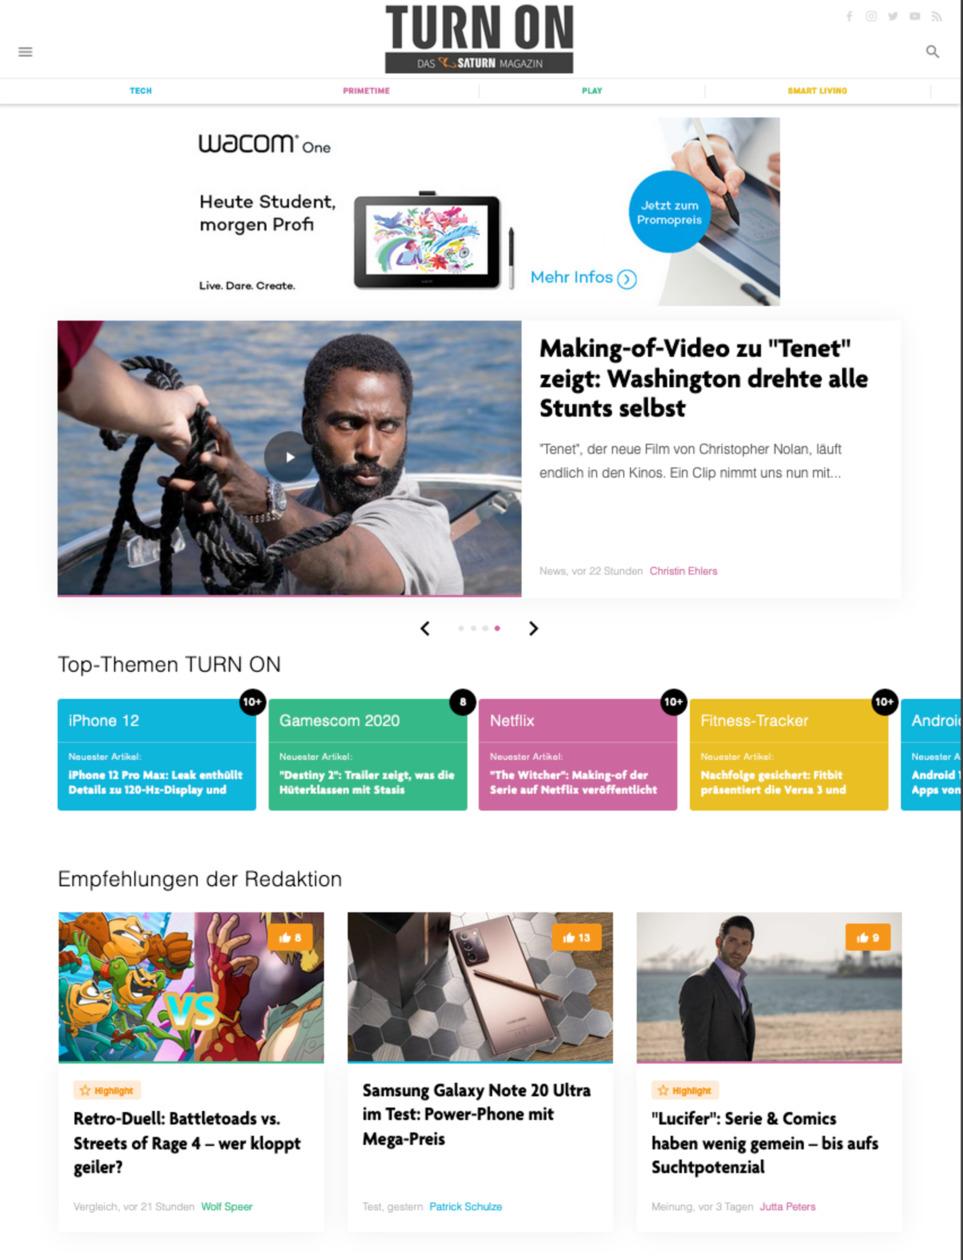 TURN ON, das Technik-Magazin von SATURN, wird von Content Fleet konzepiert und produziert